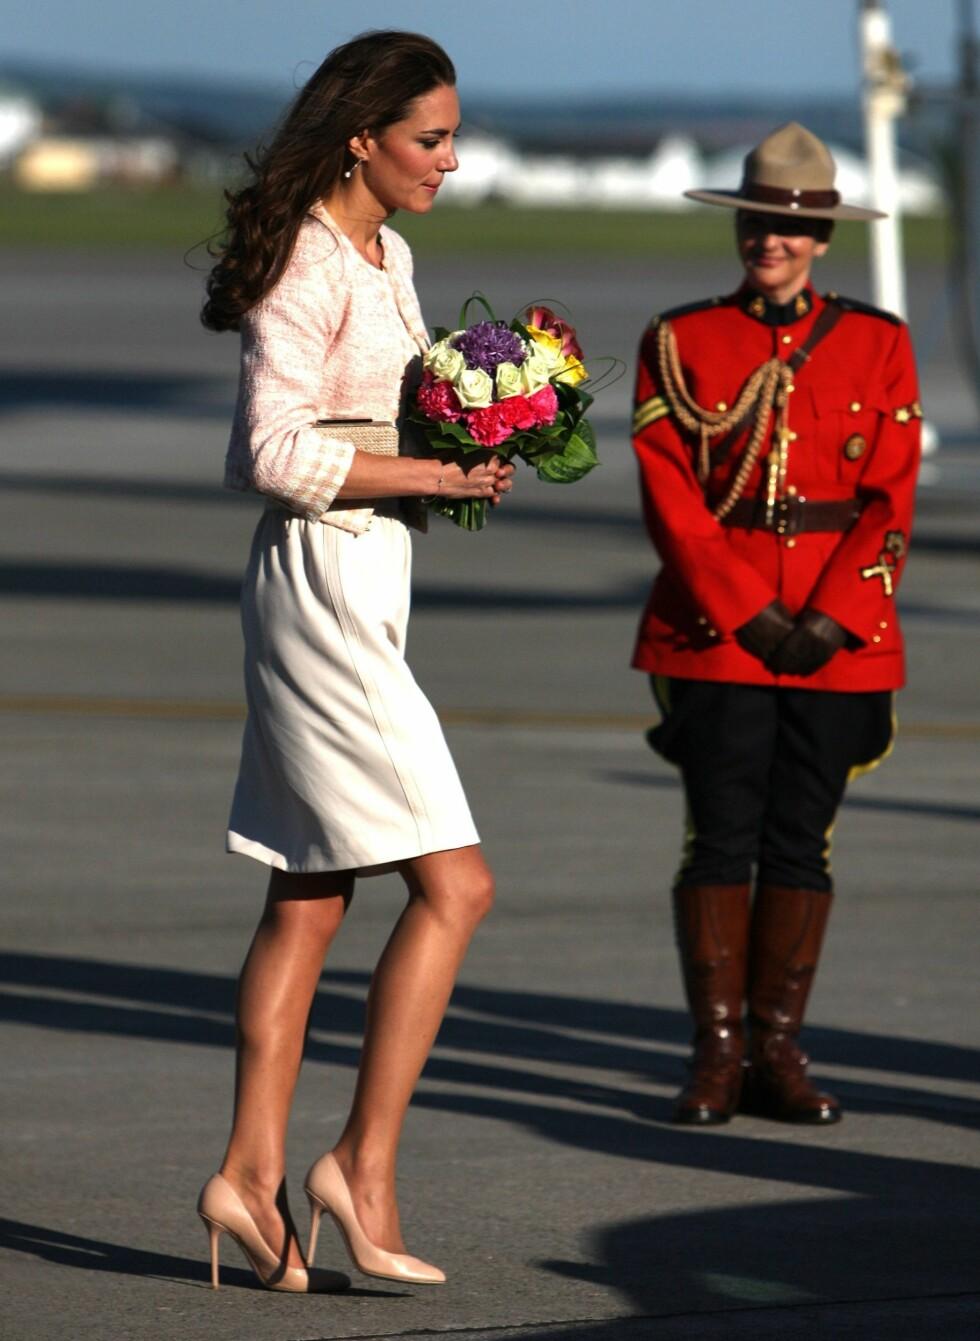 Her har Kate Middleton akkurat landet på Charlottetown Airport i Prince Edward Island, Canada, i juli. Legg merke til skoene. Foto: All Over Press